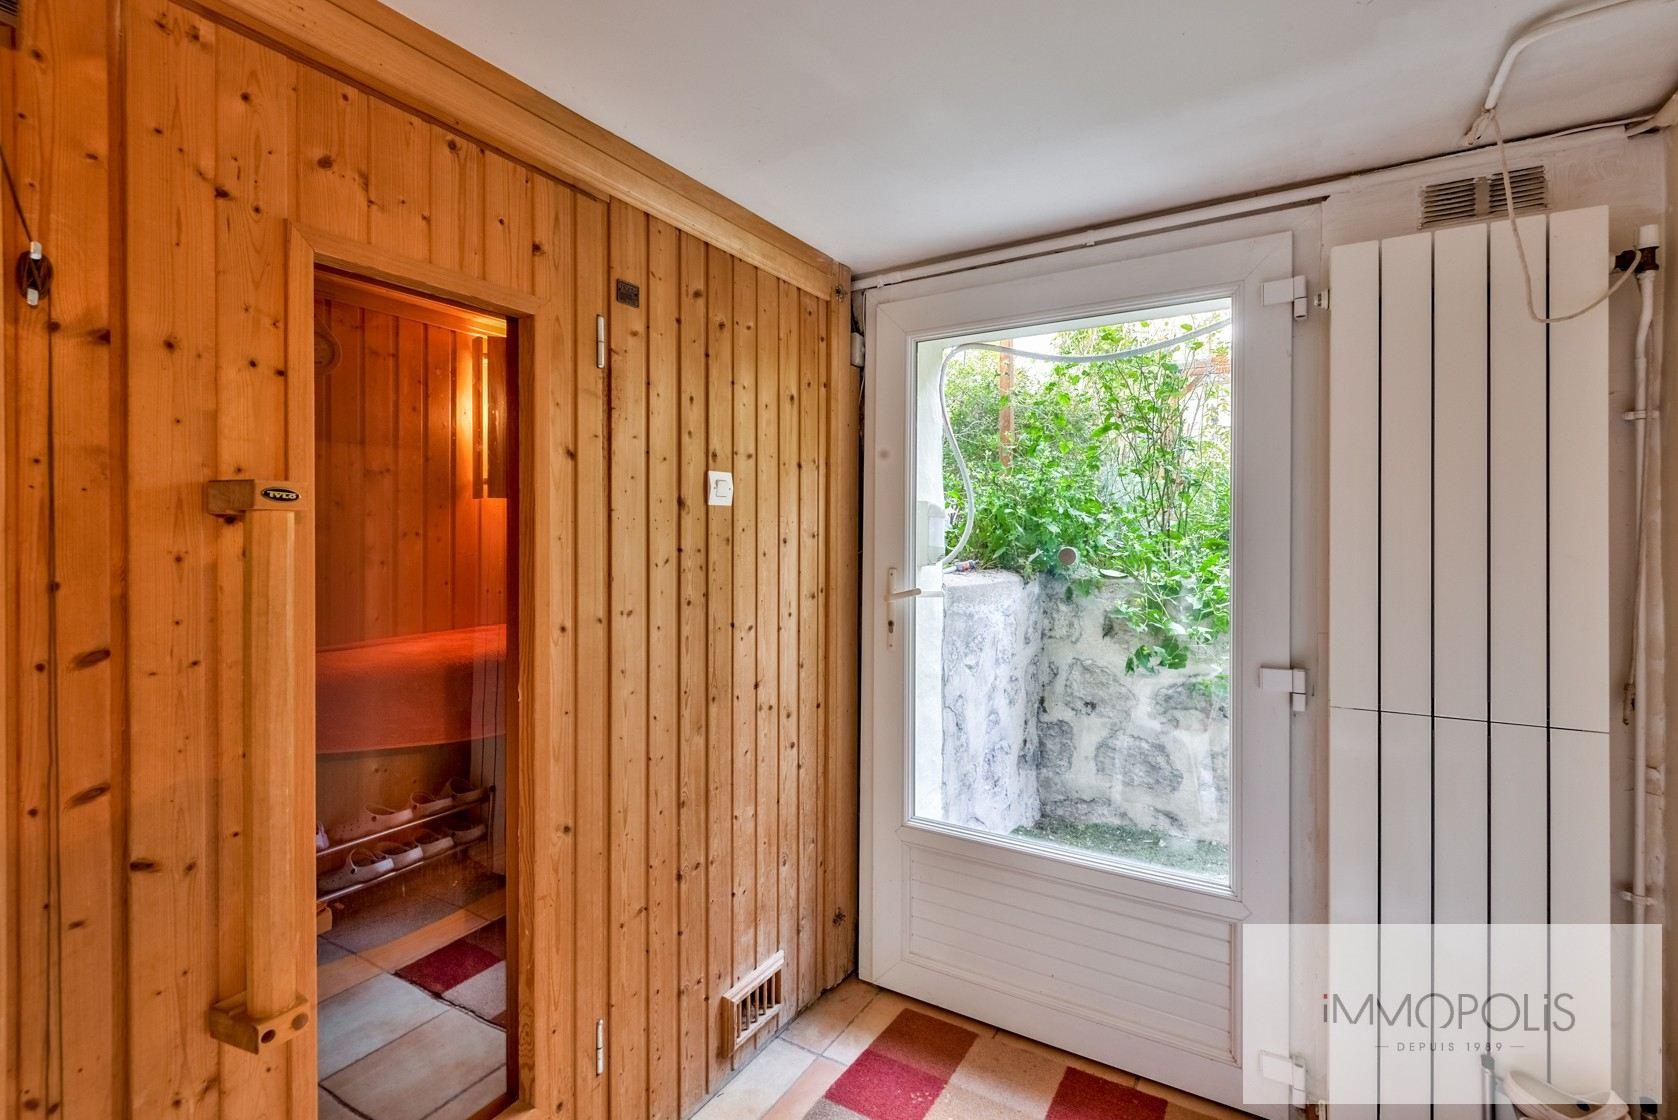 Charmante maison avec jardin et dépendance à Issy-les-Moulineaux (Epinettes) 7